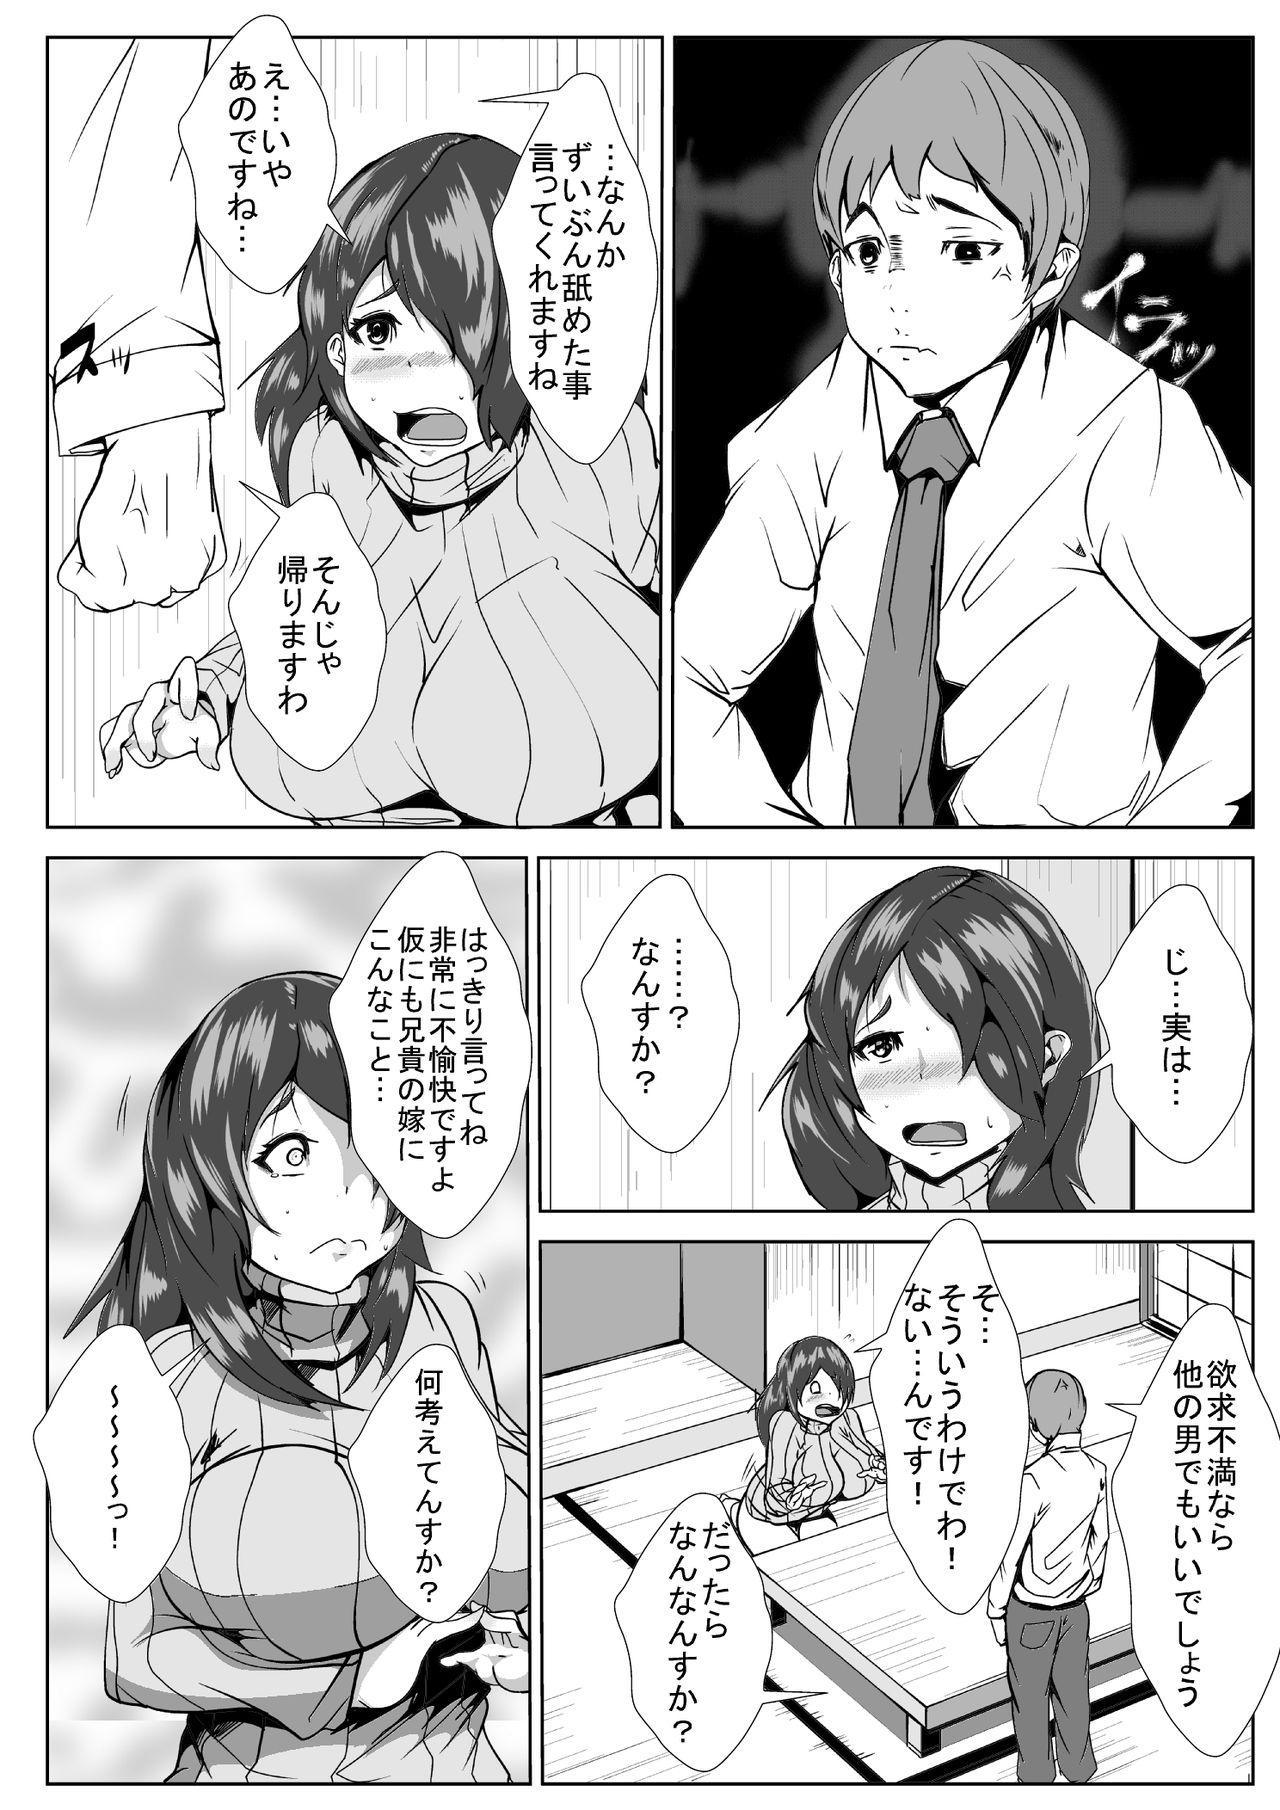 Aniki no Yome o Haramaseru 4